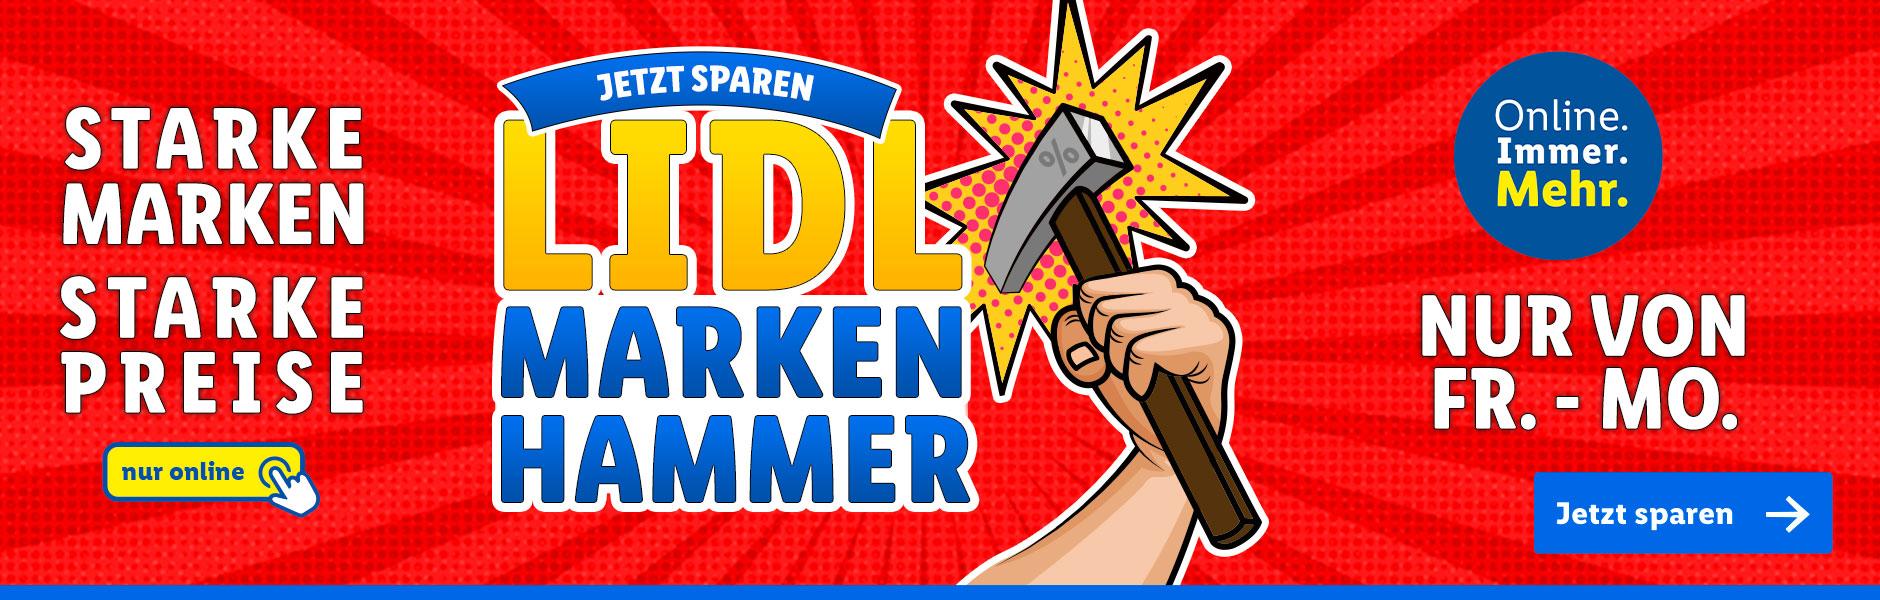 Markenhammer!